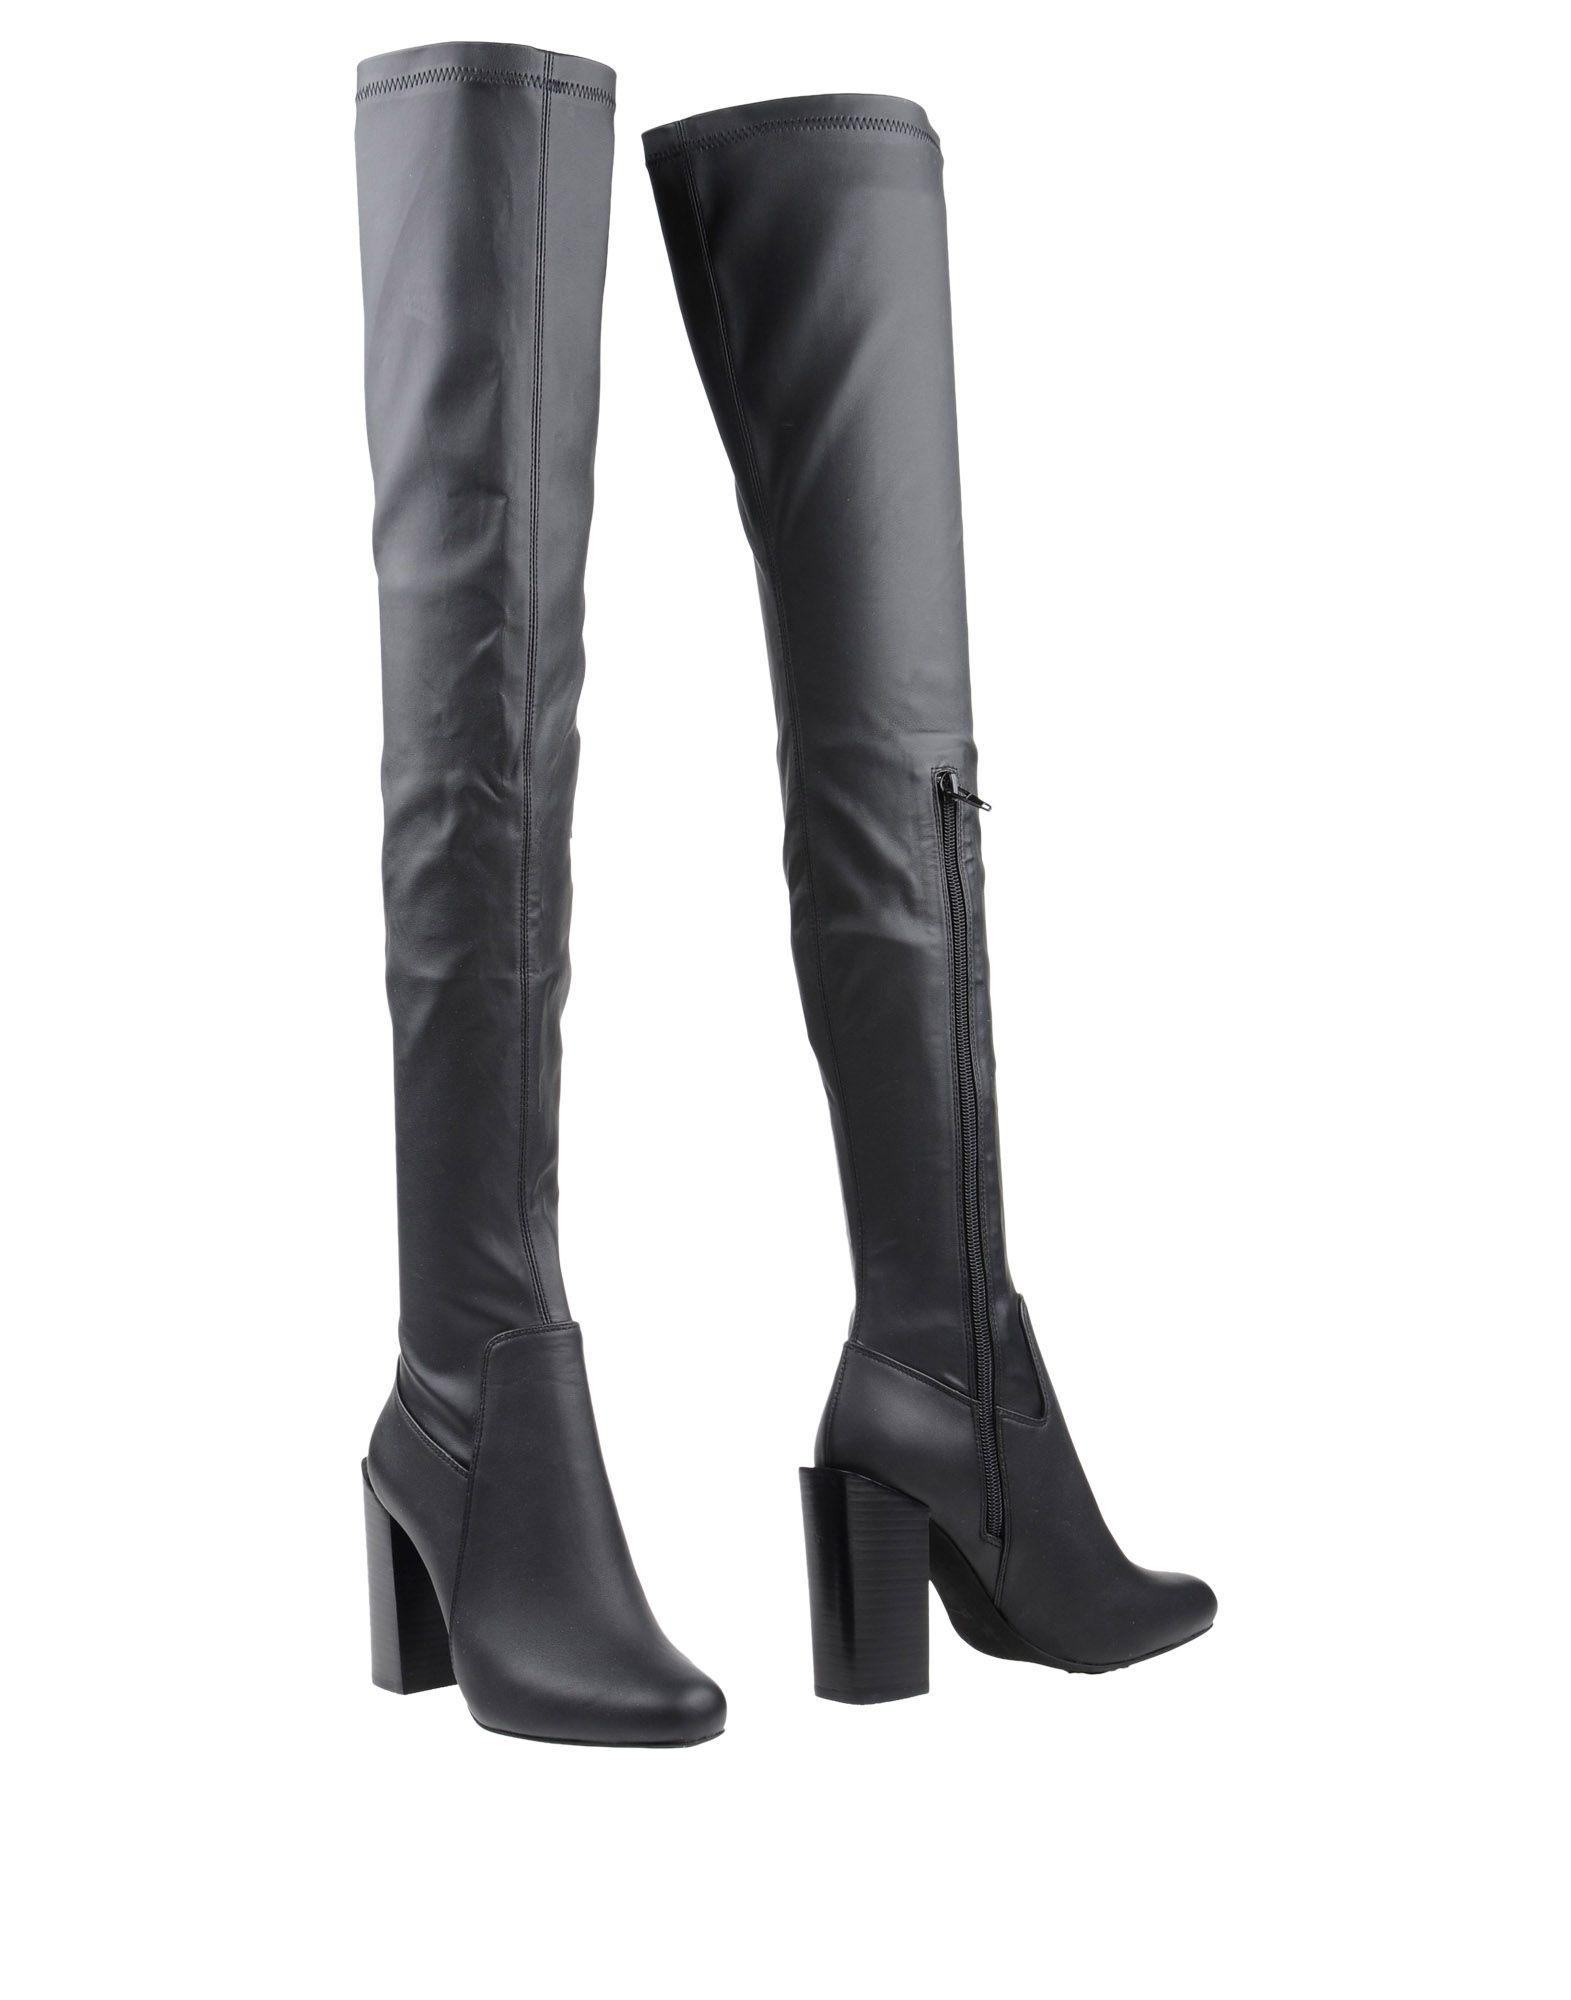 Jeffrey Campbell Stiefel Damen  11359294GI Gute Qualität beliebte Schuhe